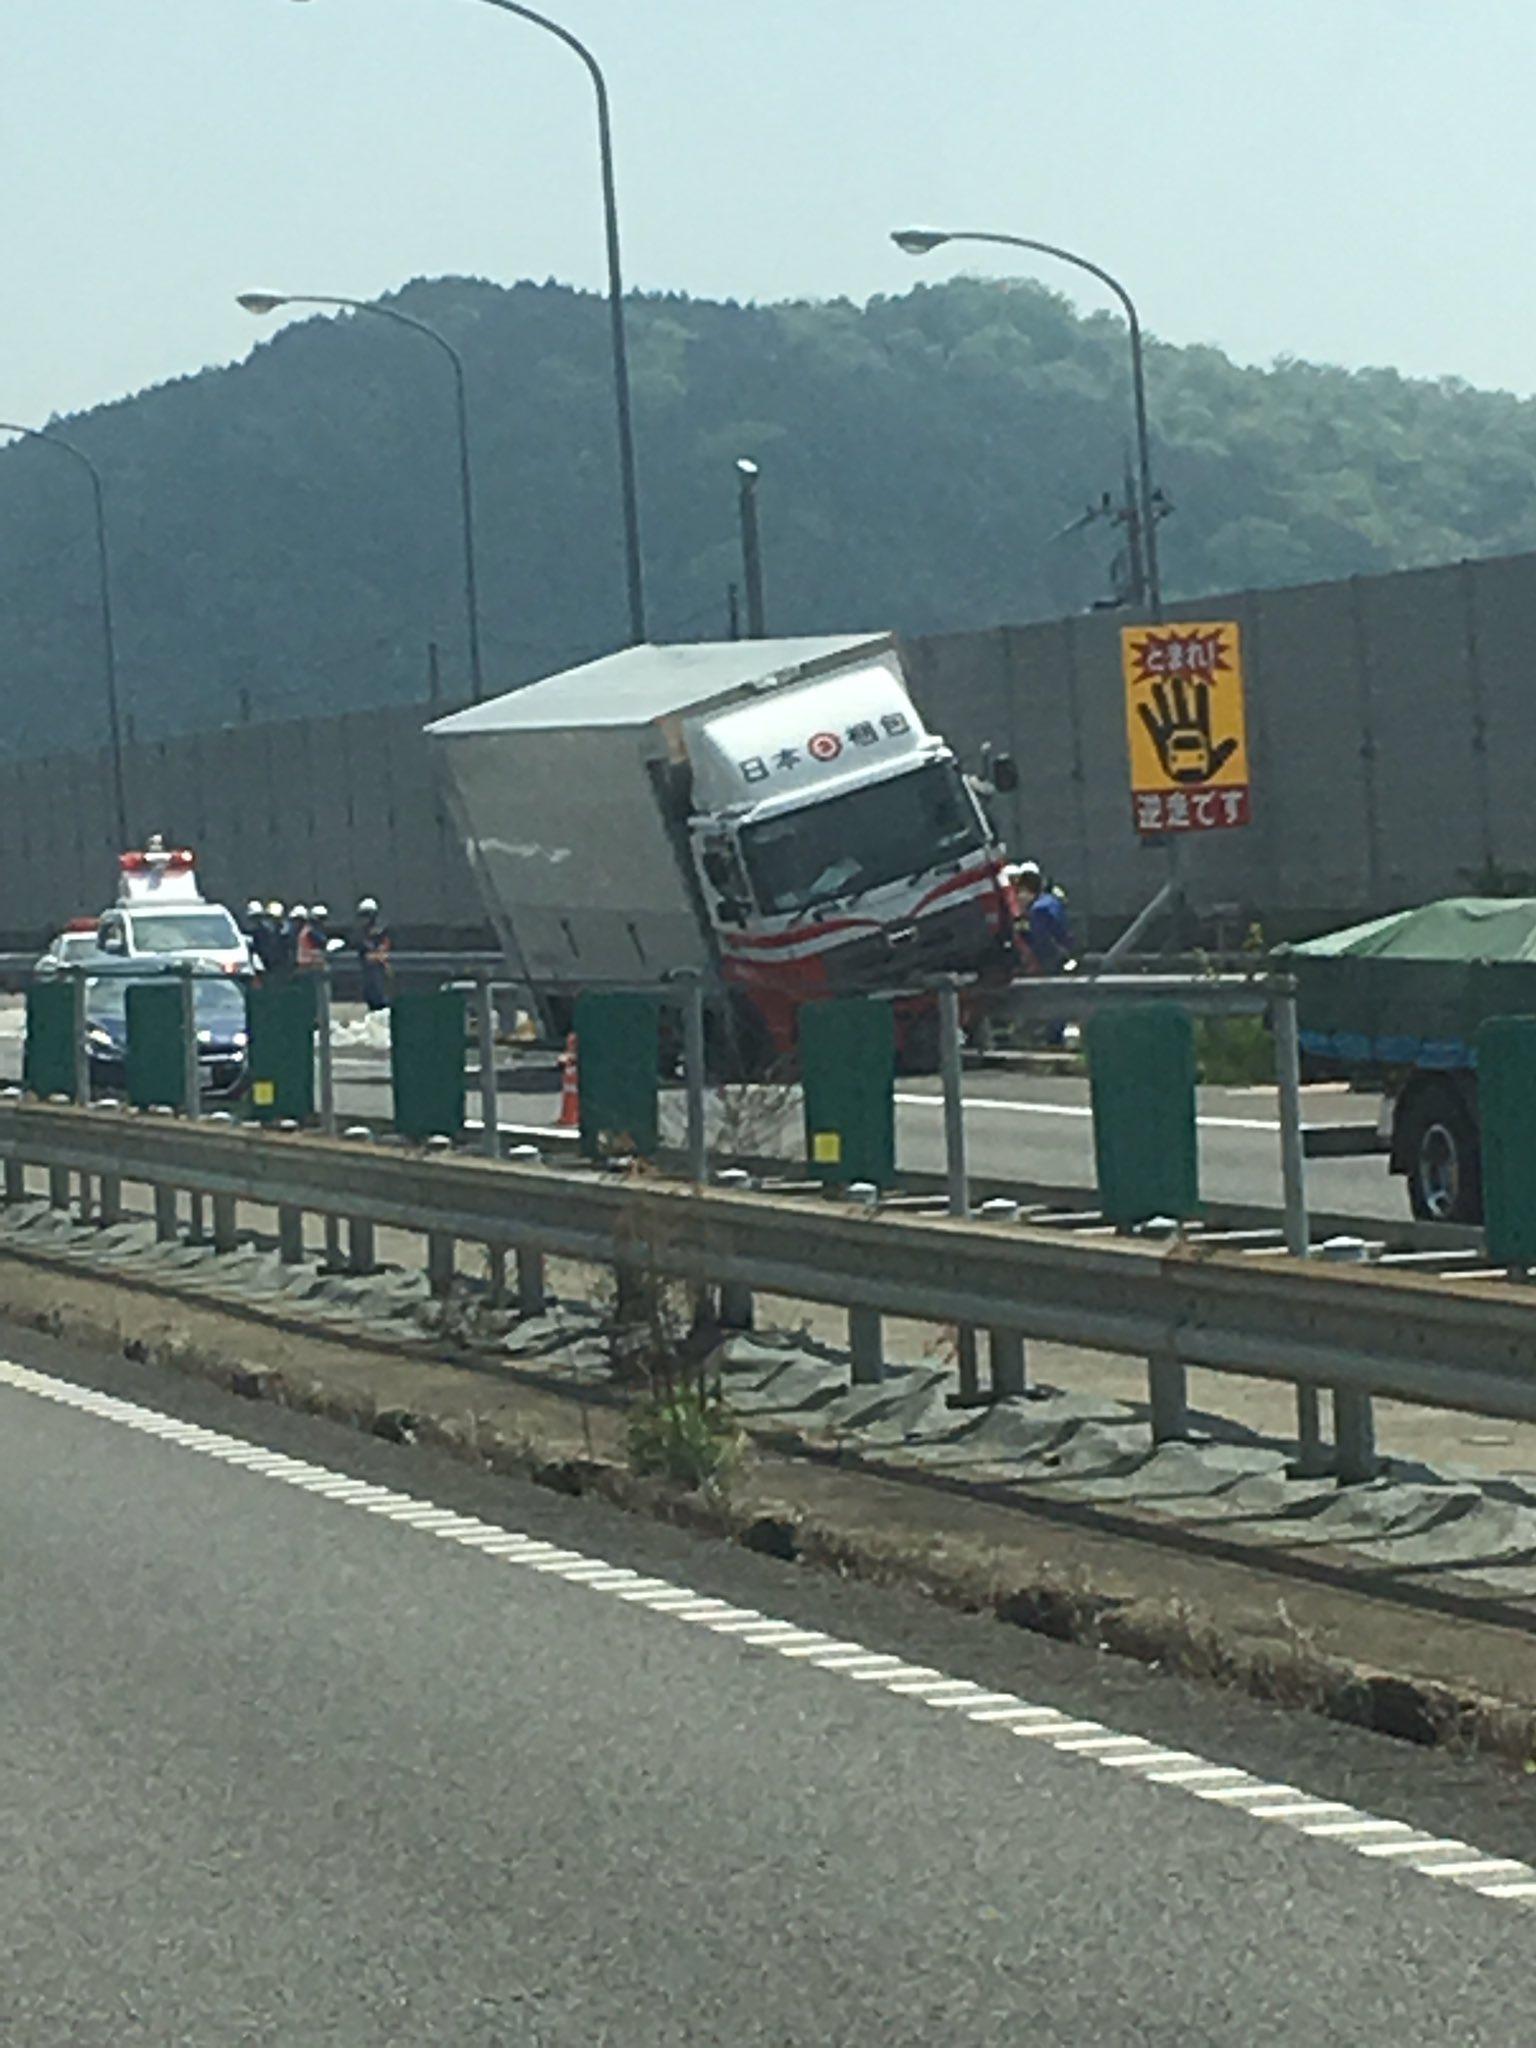 画像,名神高速・菩提寺PA付近上下線の渋滞の原因はこれでした。#渋滞#名神高速道路 https://t.co/HH8z6wAhoB…